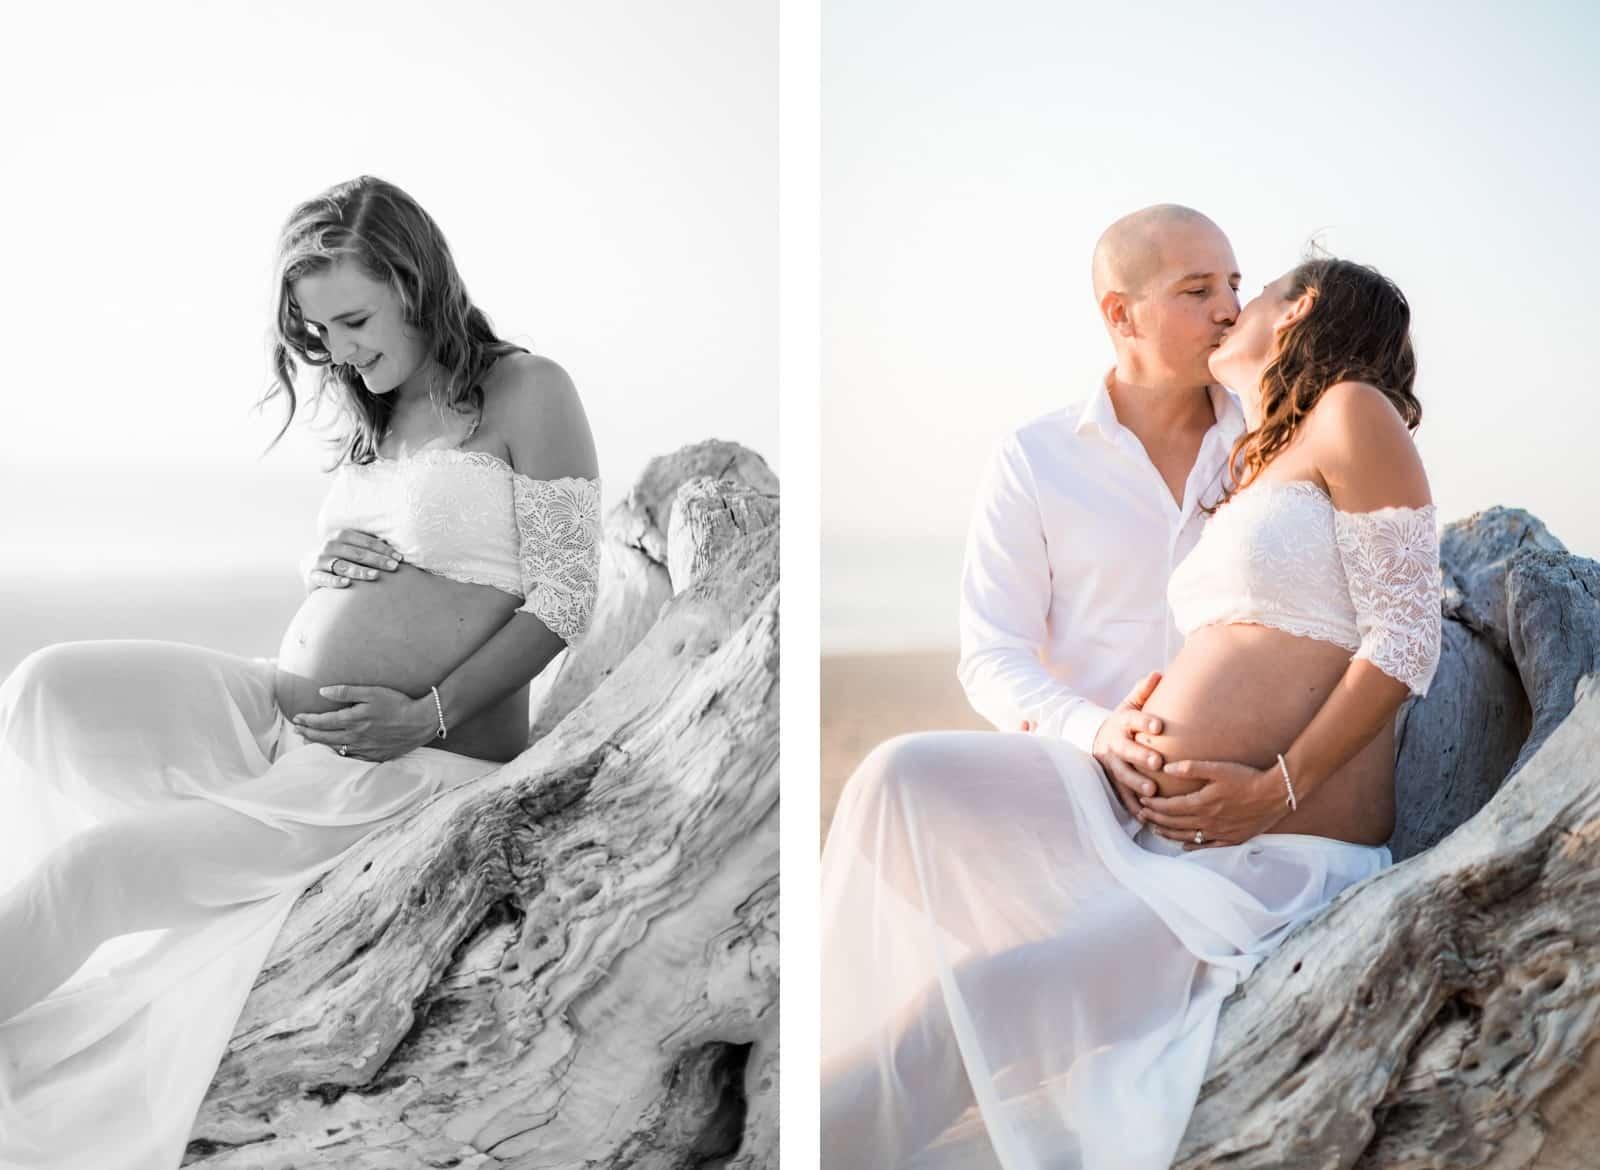 Photographie de Mathieu Dété, photographe de mariage et grossesse à Saint-Pierre de la Réunion 974, présentant des futurs parents amoureux sur la plage au coucher de soleil